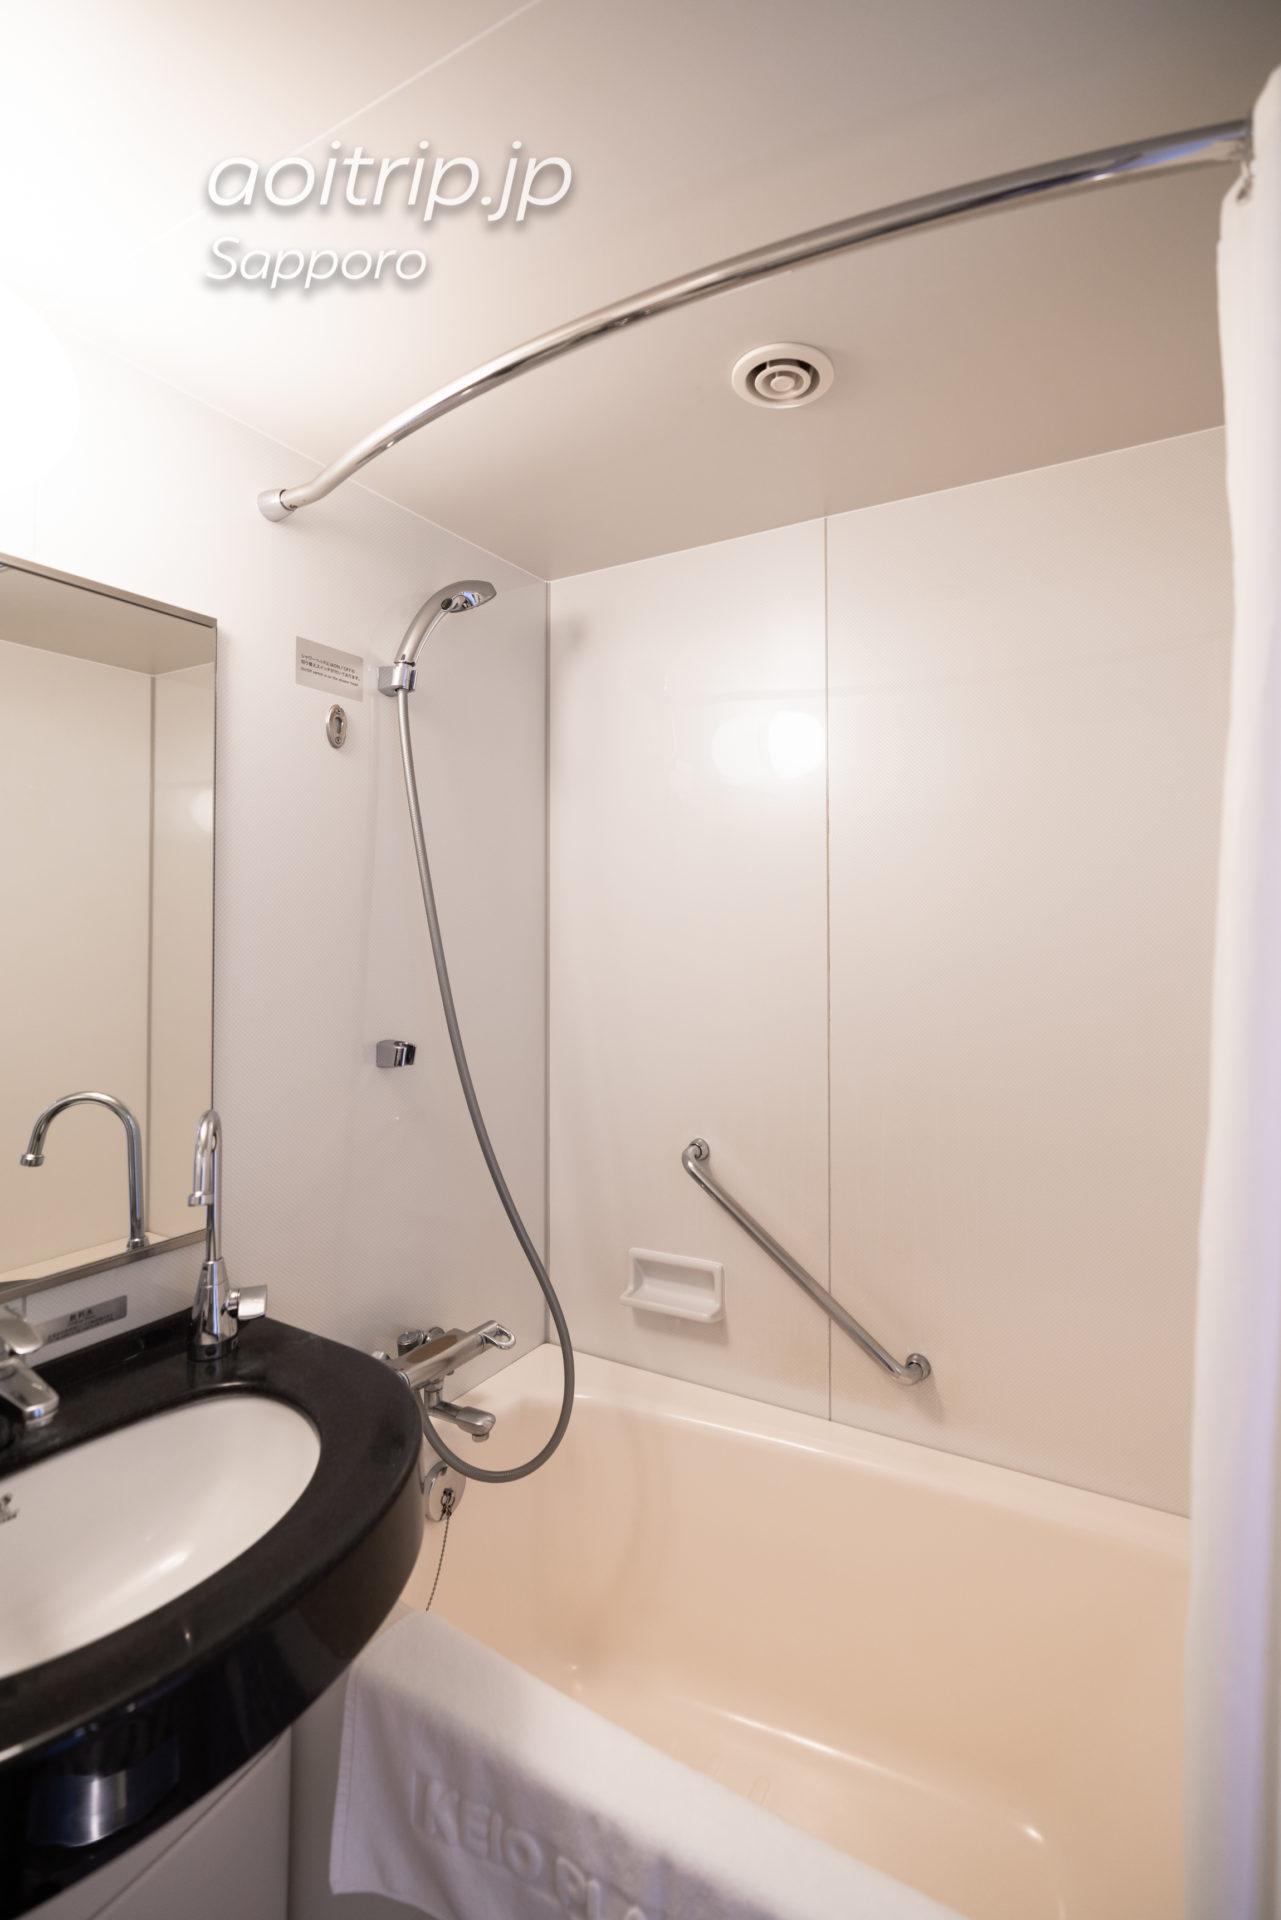 京王プラザホテル札幌 スーペリアダブルルーム Superior Double Room